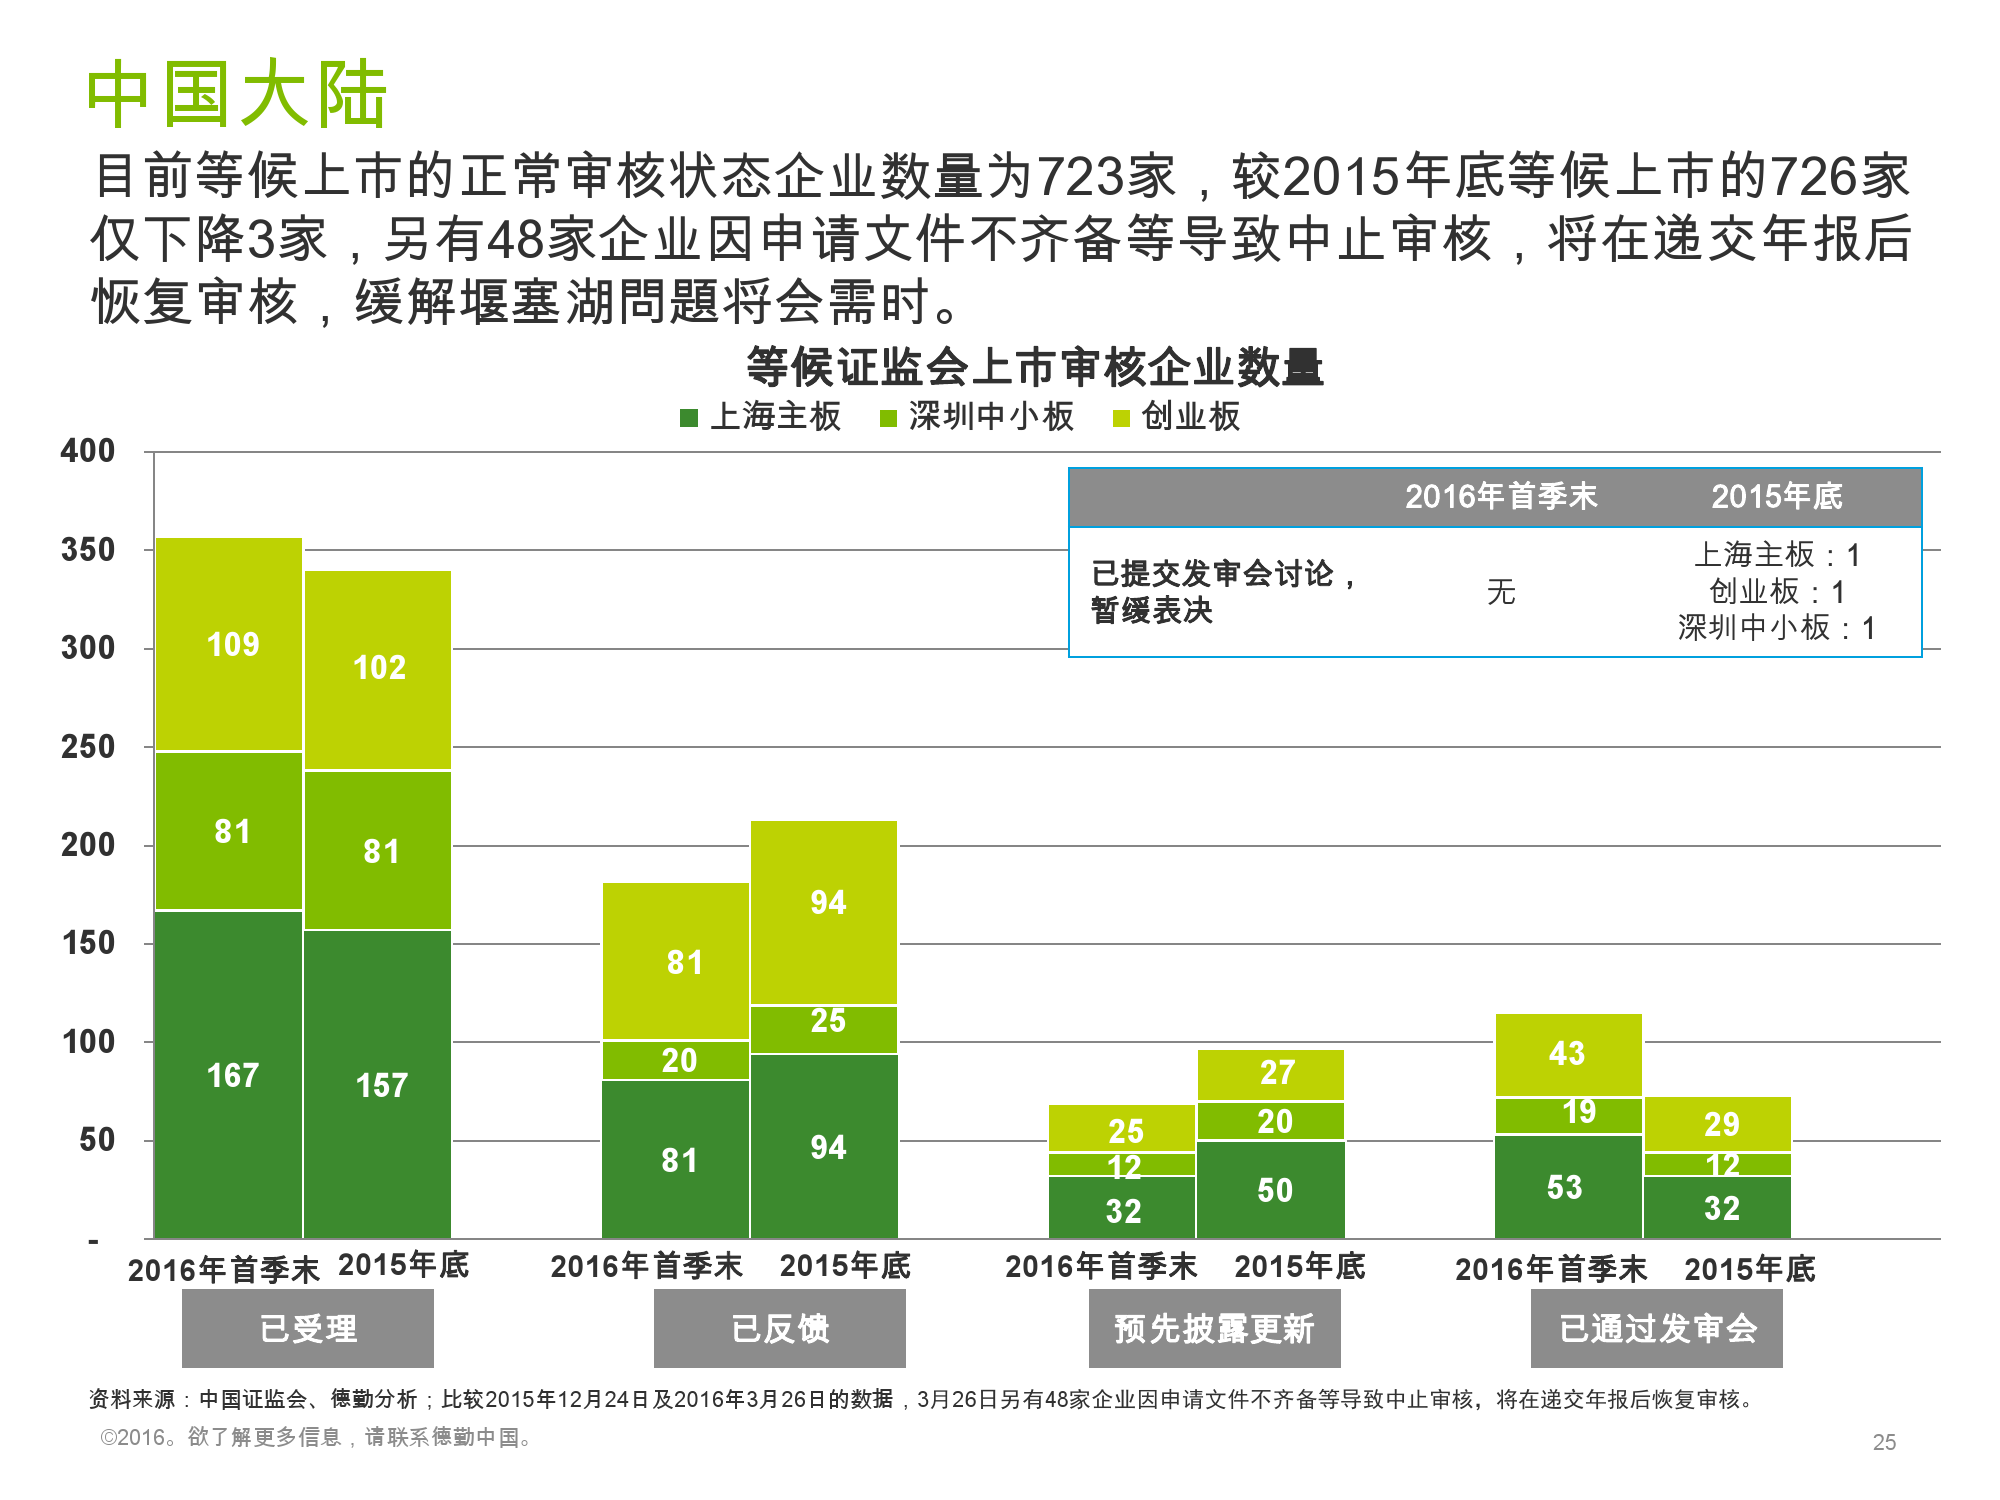 香港及中国大陆IPO市场2016年1季度_000025